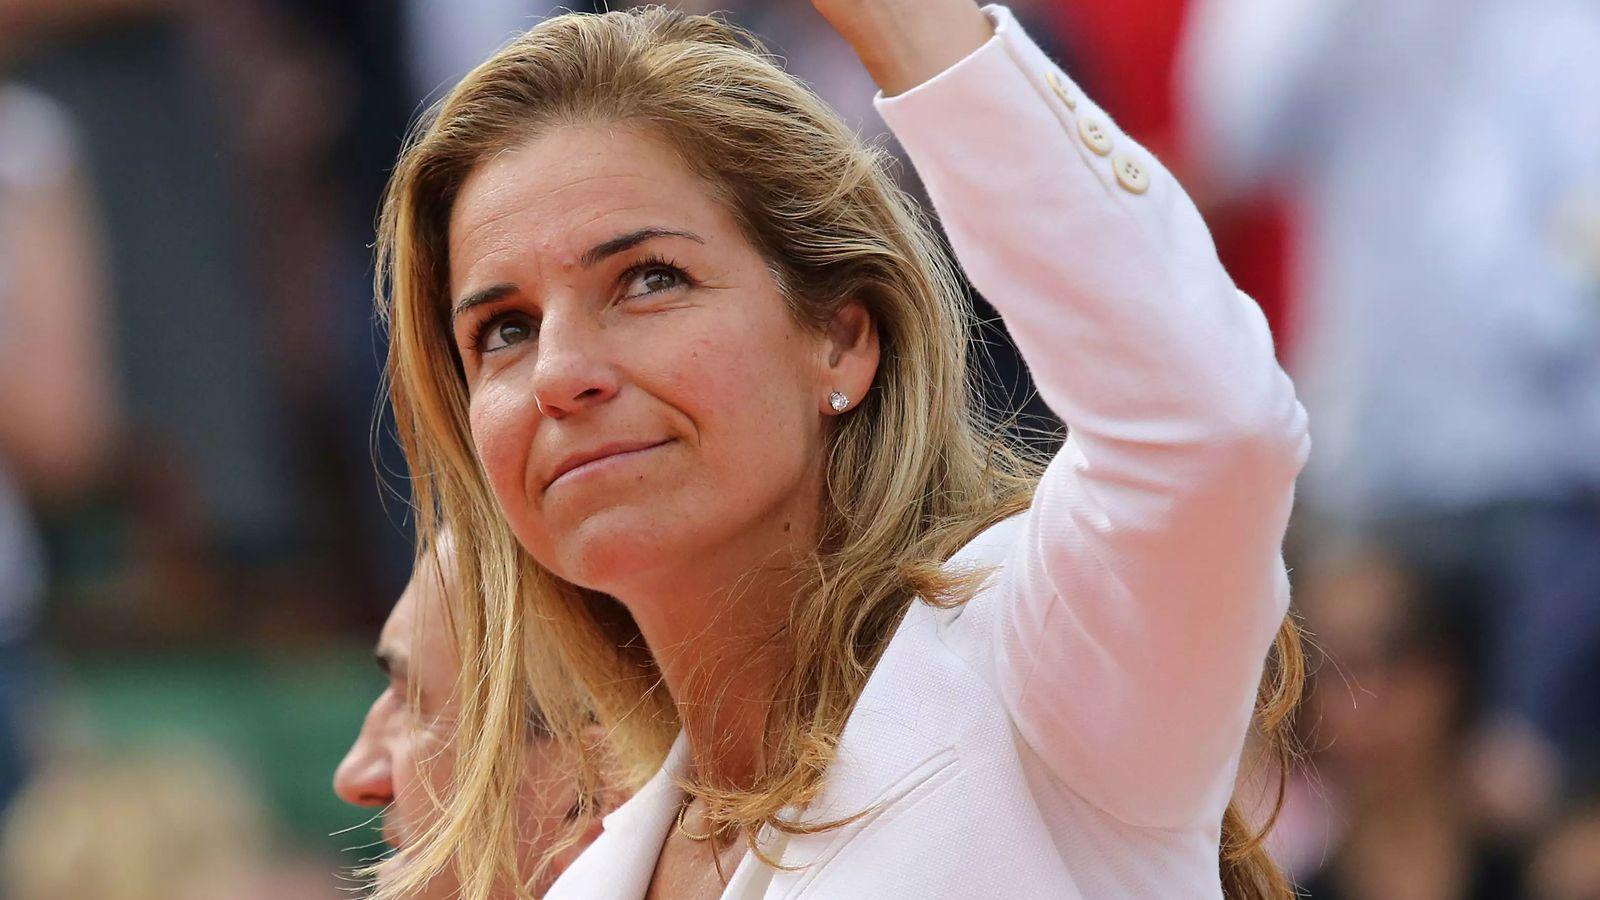 Foto: La extenista Arantxa Sánchez Vicario, en una imagen de archivo (Gtres)